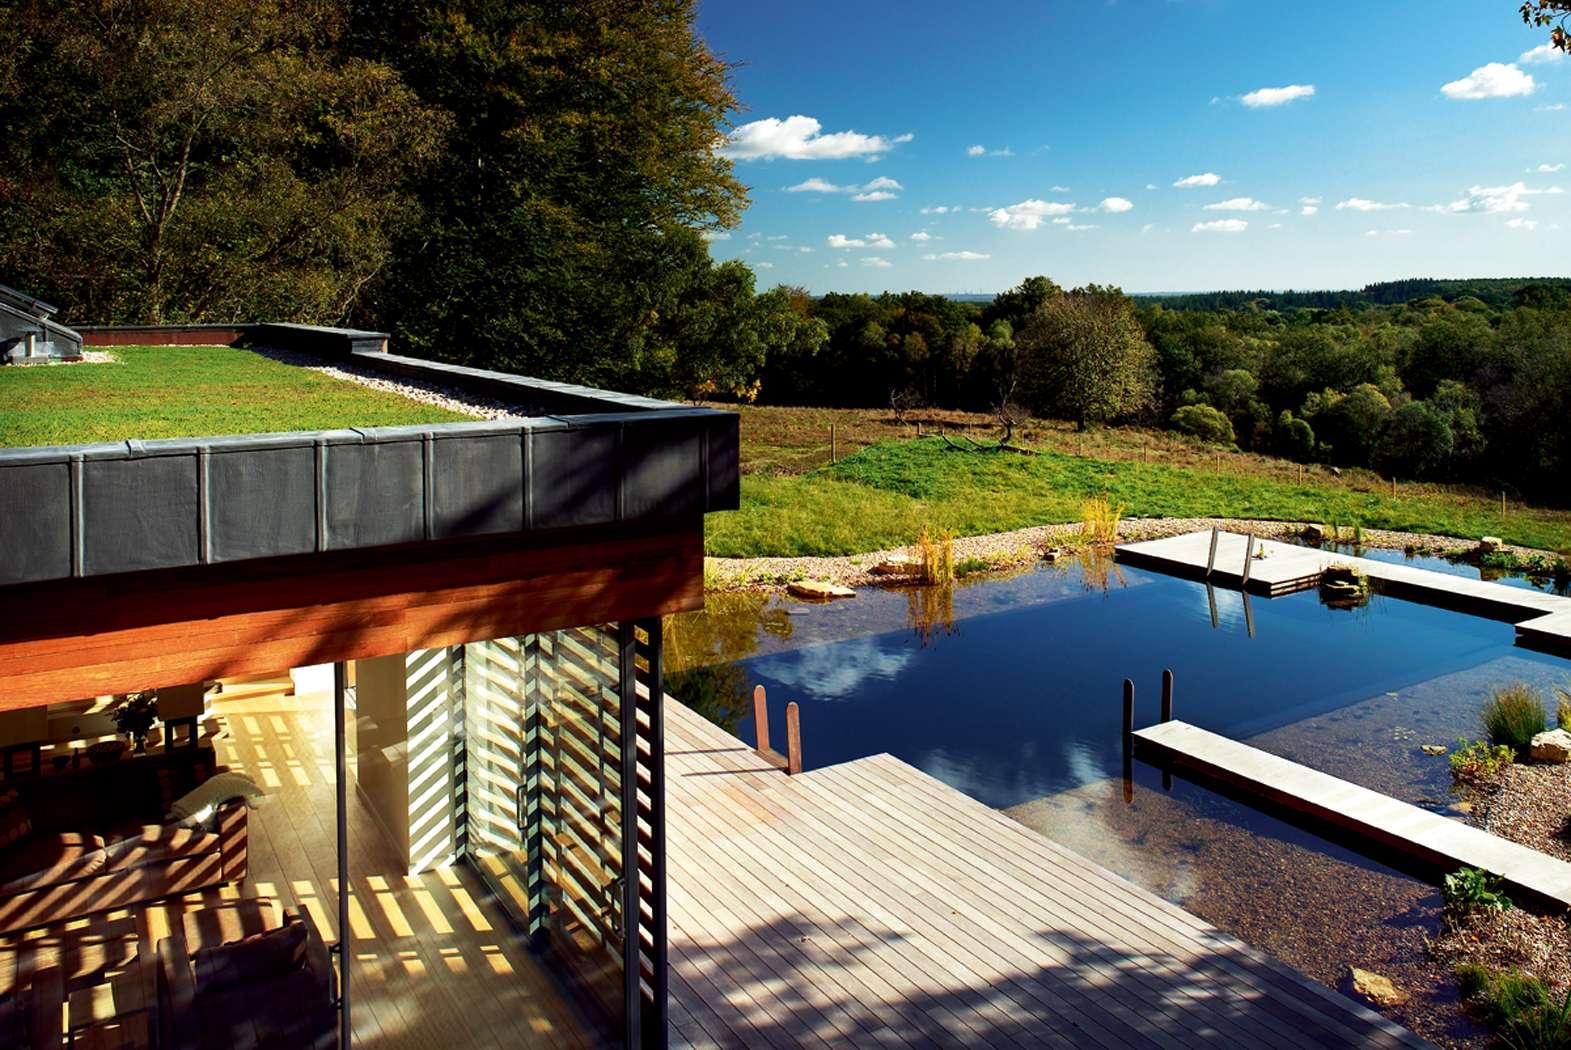 Além das vantagens sustentáveis o telhado verde também permite ter um jardim suspenso. (Foto: divulgação)